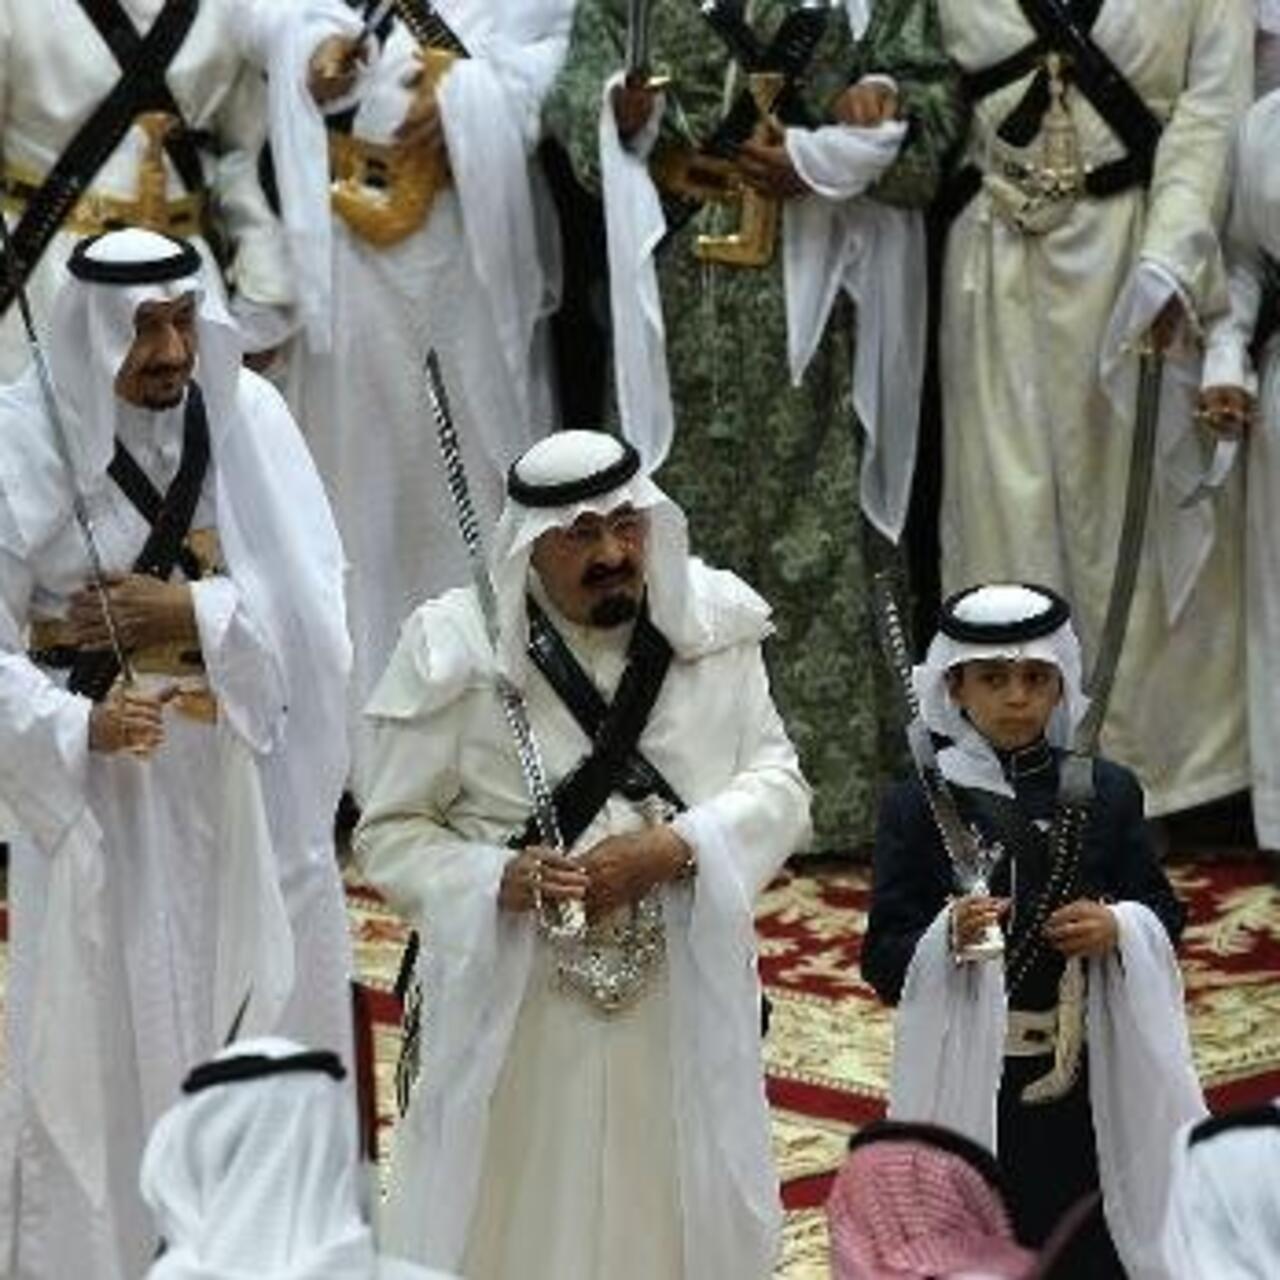 عائلة آل سعود كيف وصلت للحكم وأسست الدولة التي منحتها اسمها